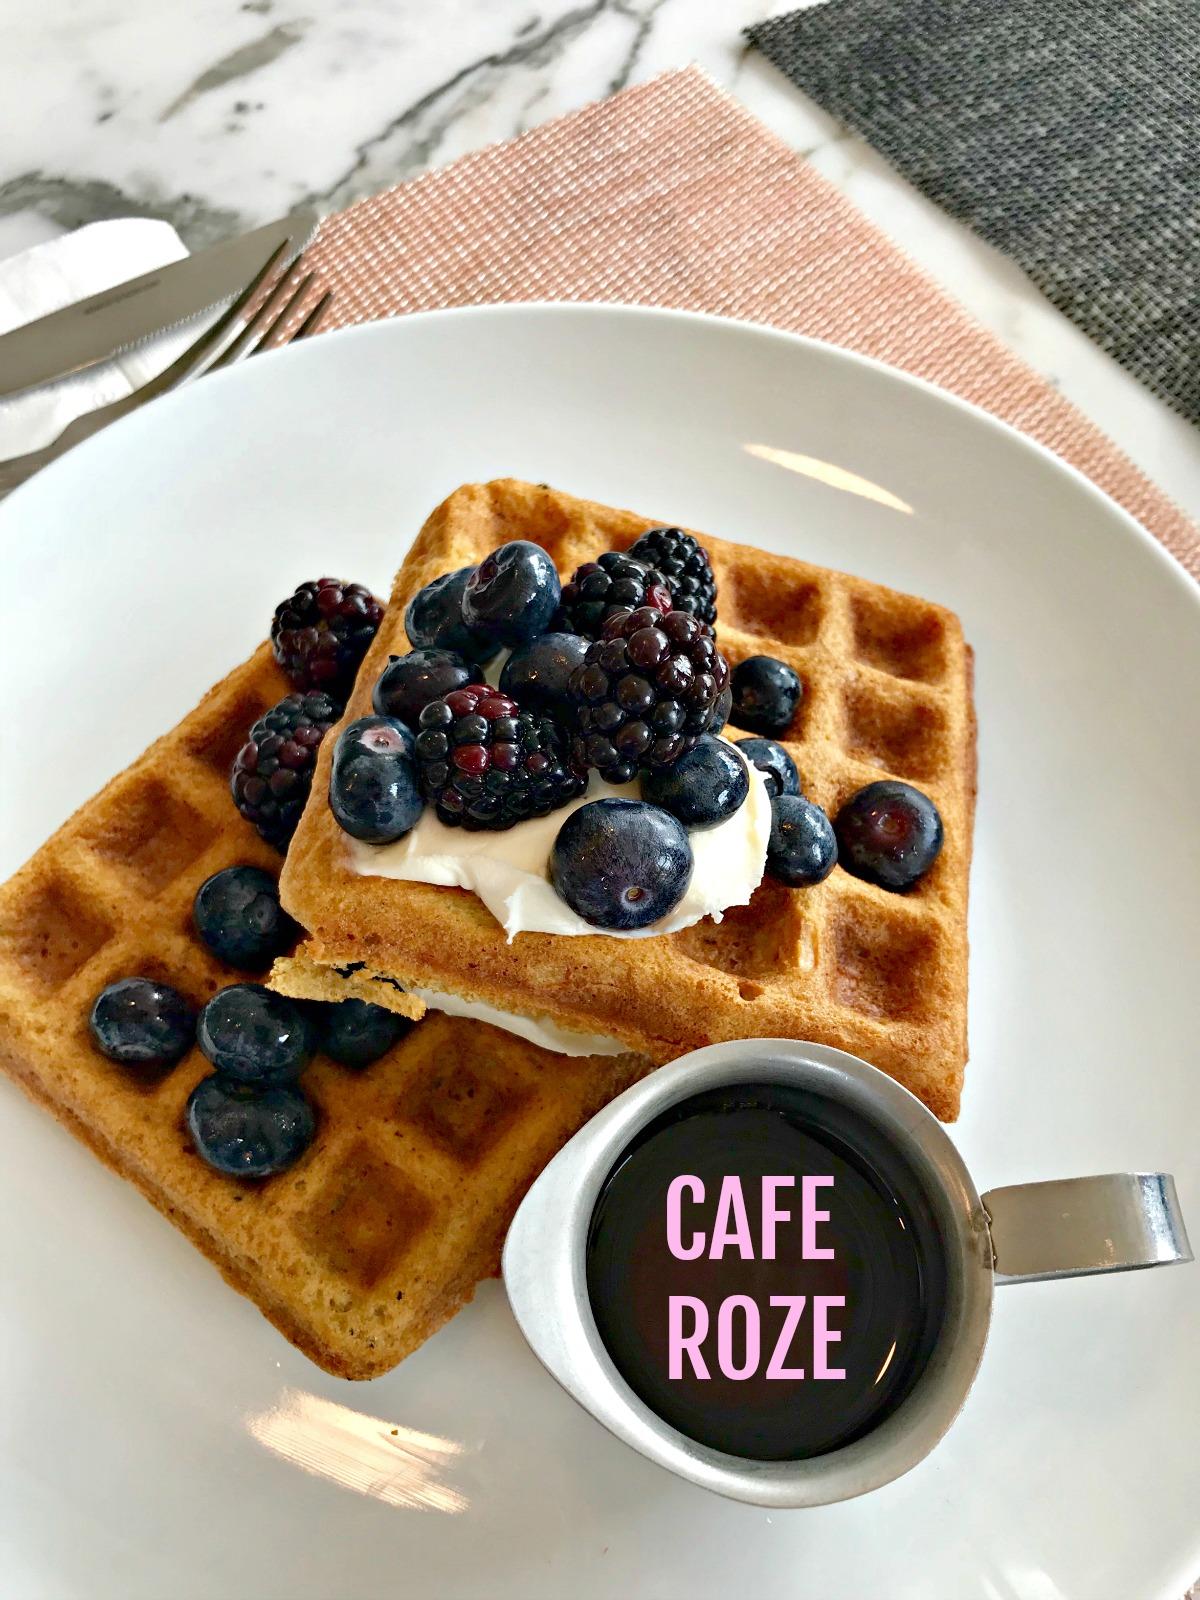 Cafe Roze Waffles